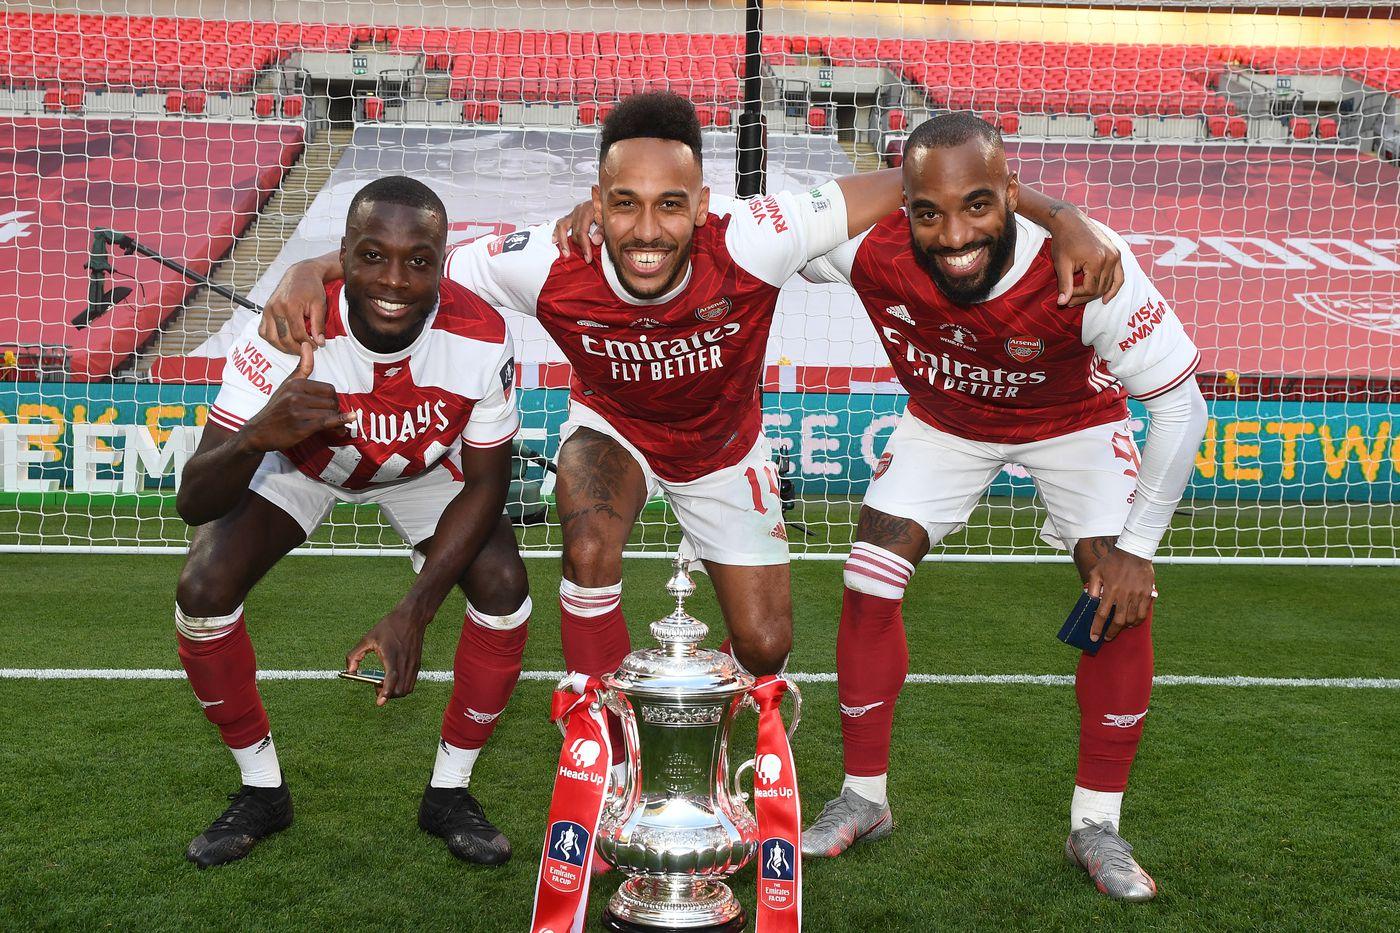 Arsenal quiere empezar la temporada con un título, tal cual como terminó la temporada pasada.